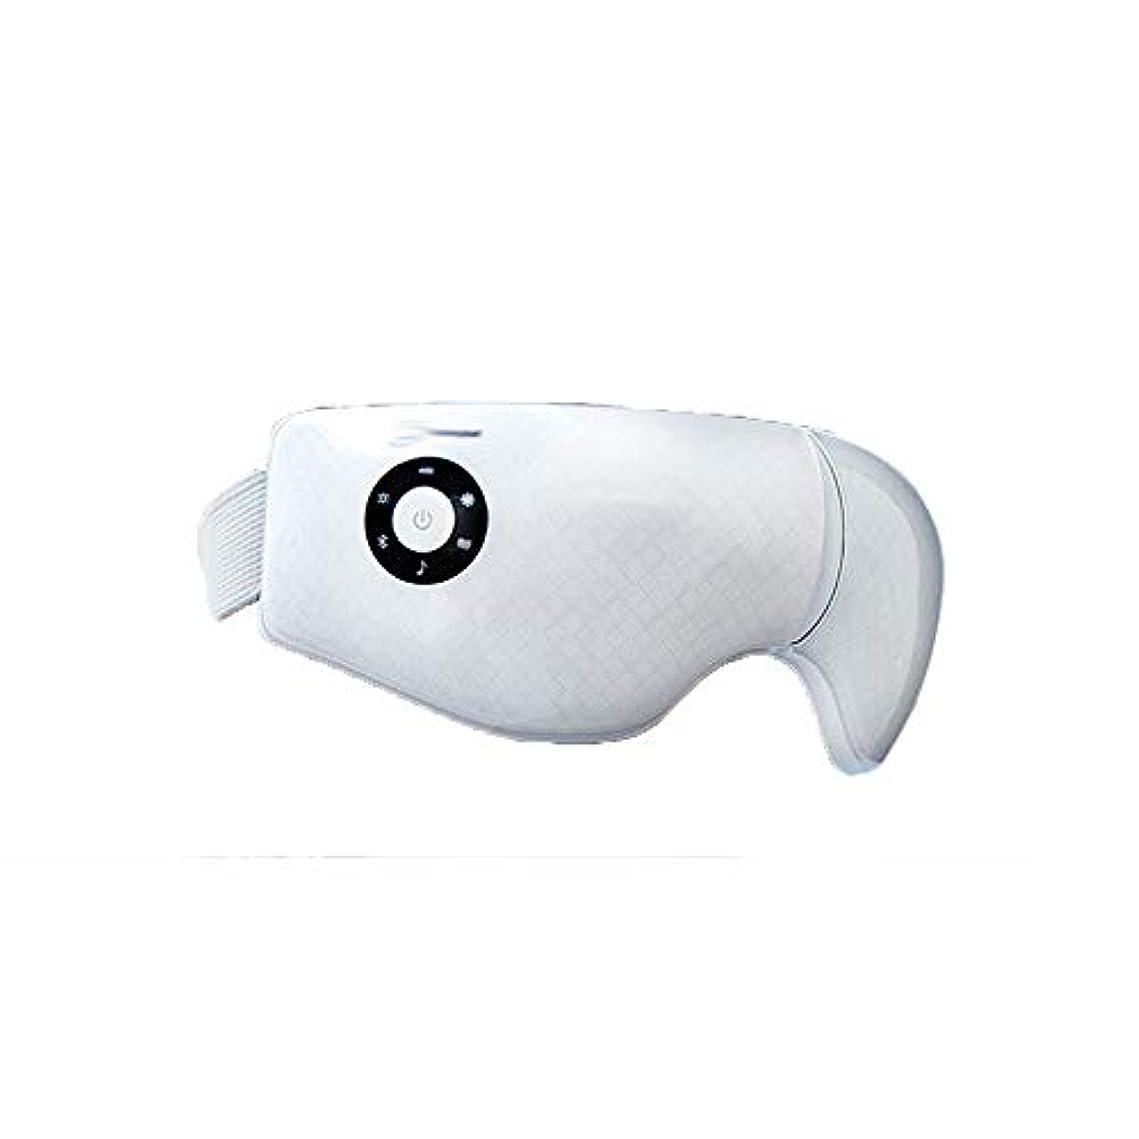 枠ソケット波マッサージャー - マッサージャーは、黒丸を回復するために近視をホット圧縮します (Color : White)